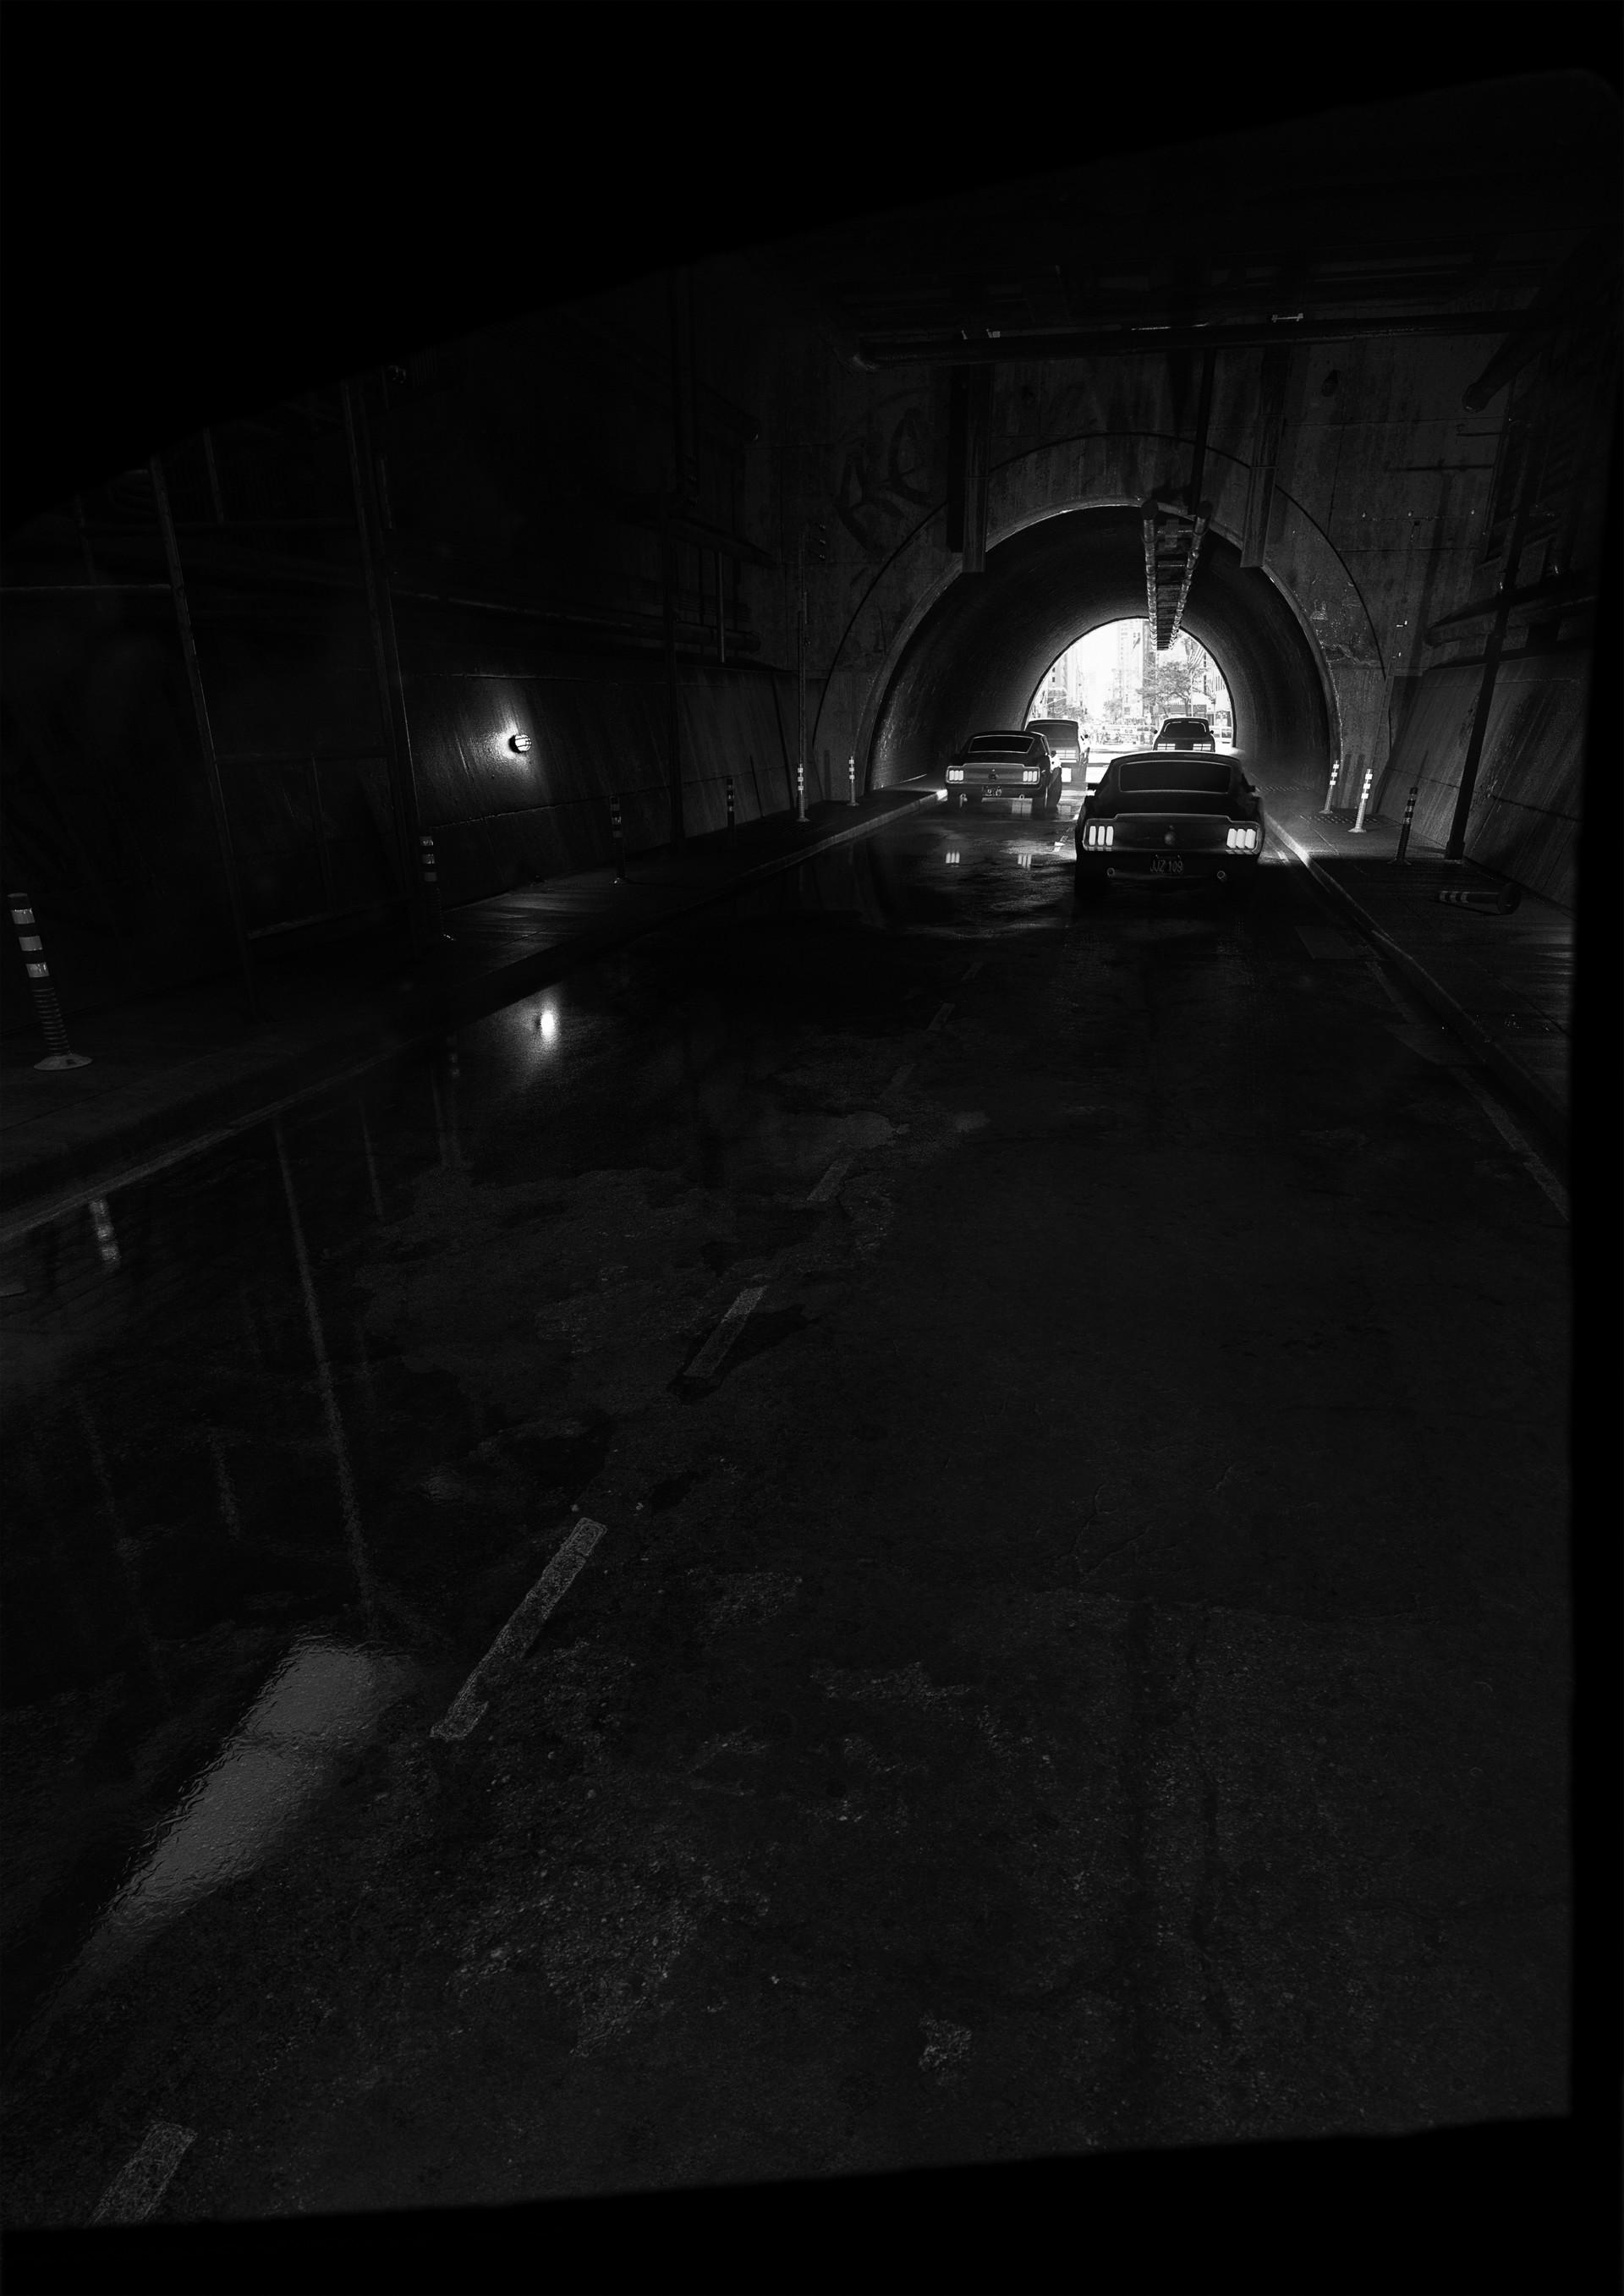 Guilherme henrique roadtunnel bw